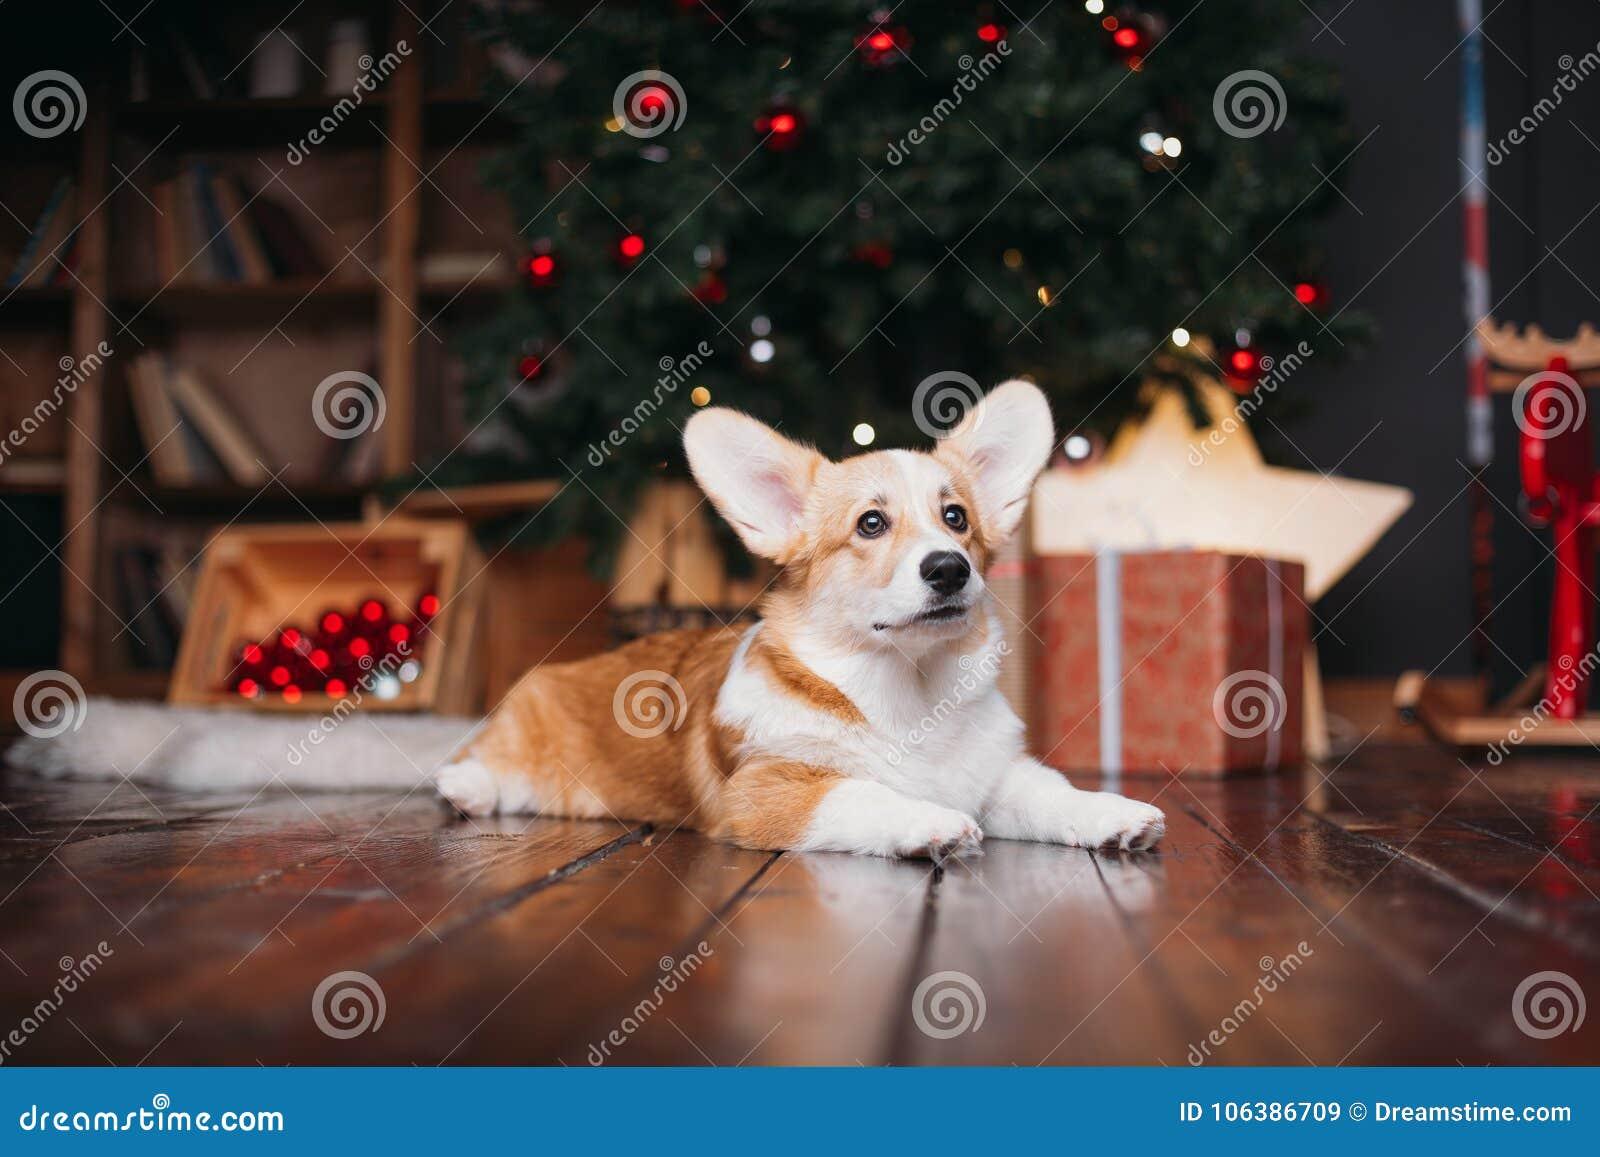 download corgi dog with merry christmas tree stock image image of cute sitting - Christmas Corgi